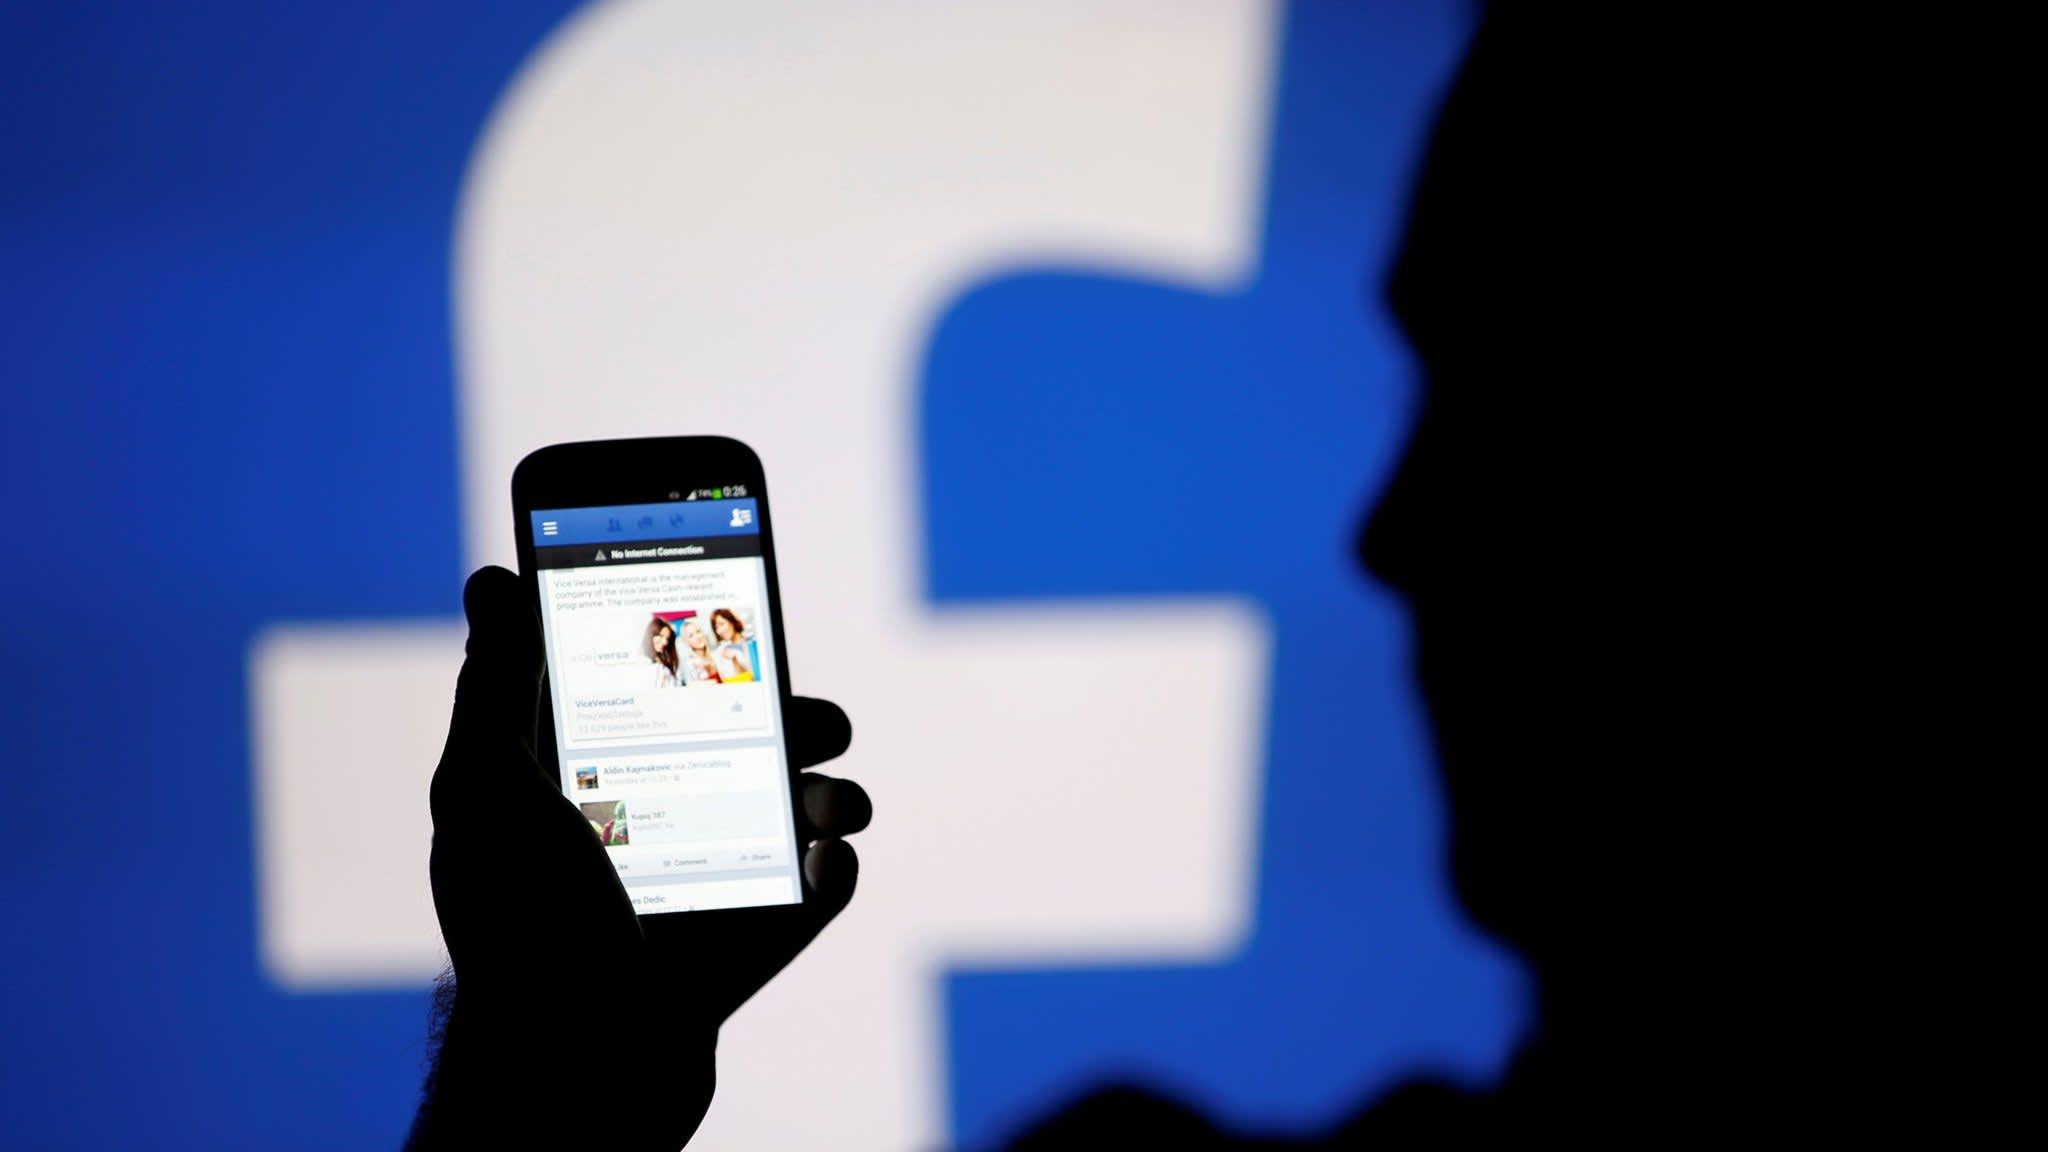 Facebook faces €100m fine after Belgian court ruling